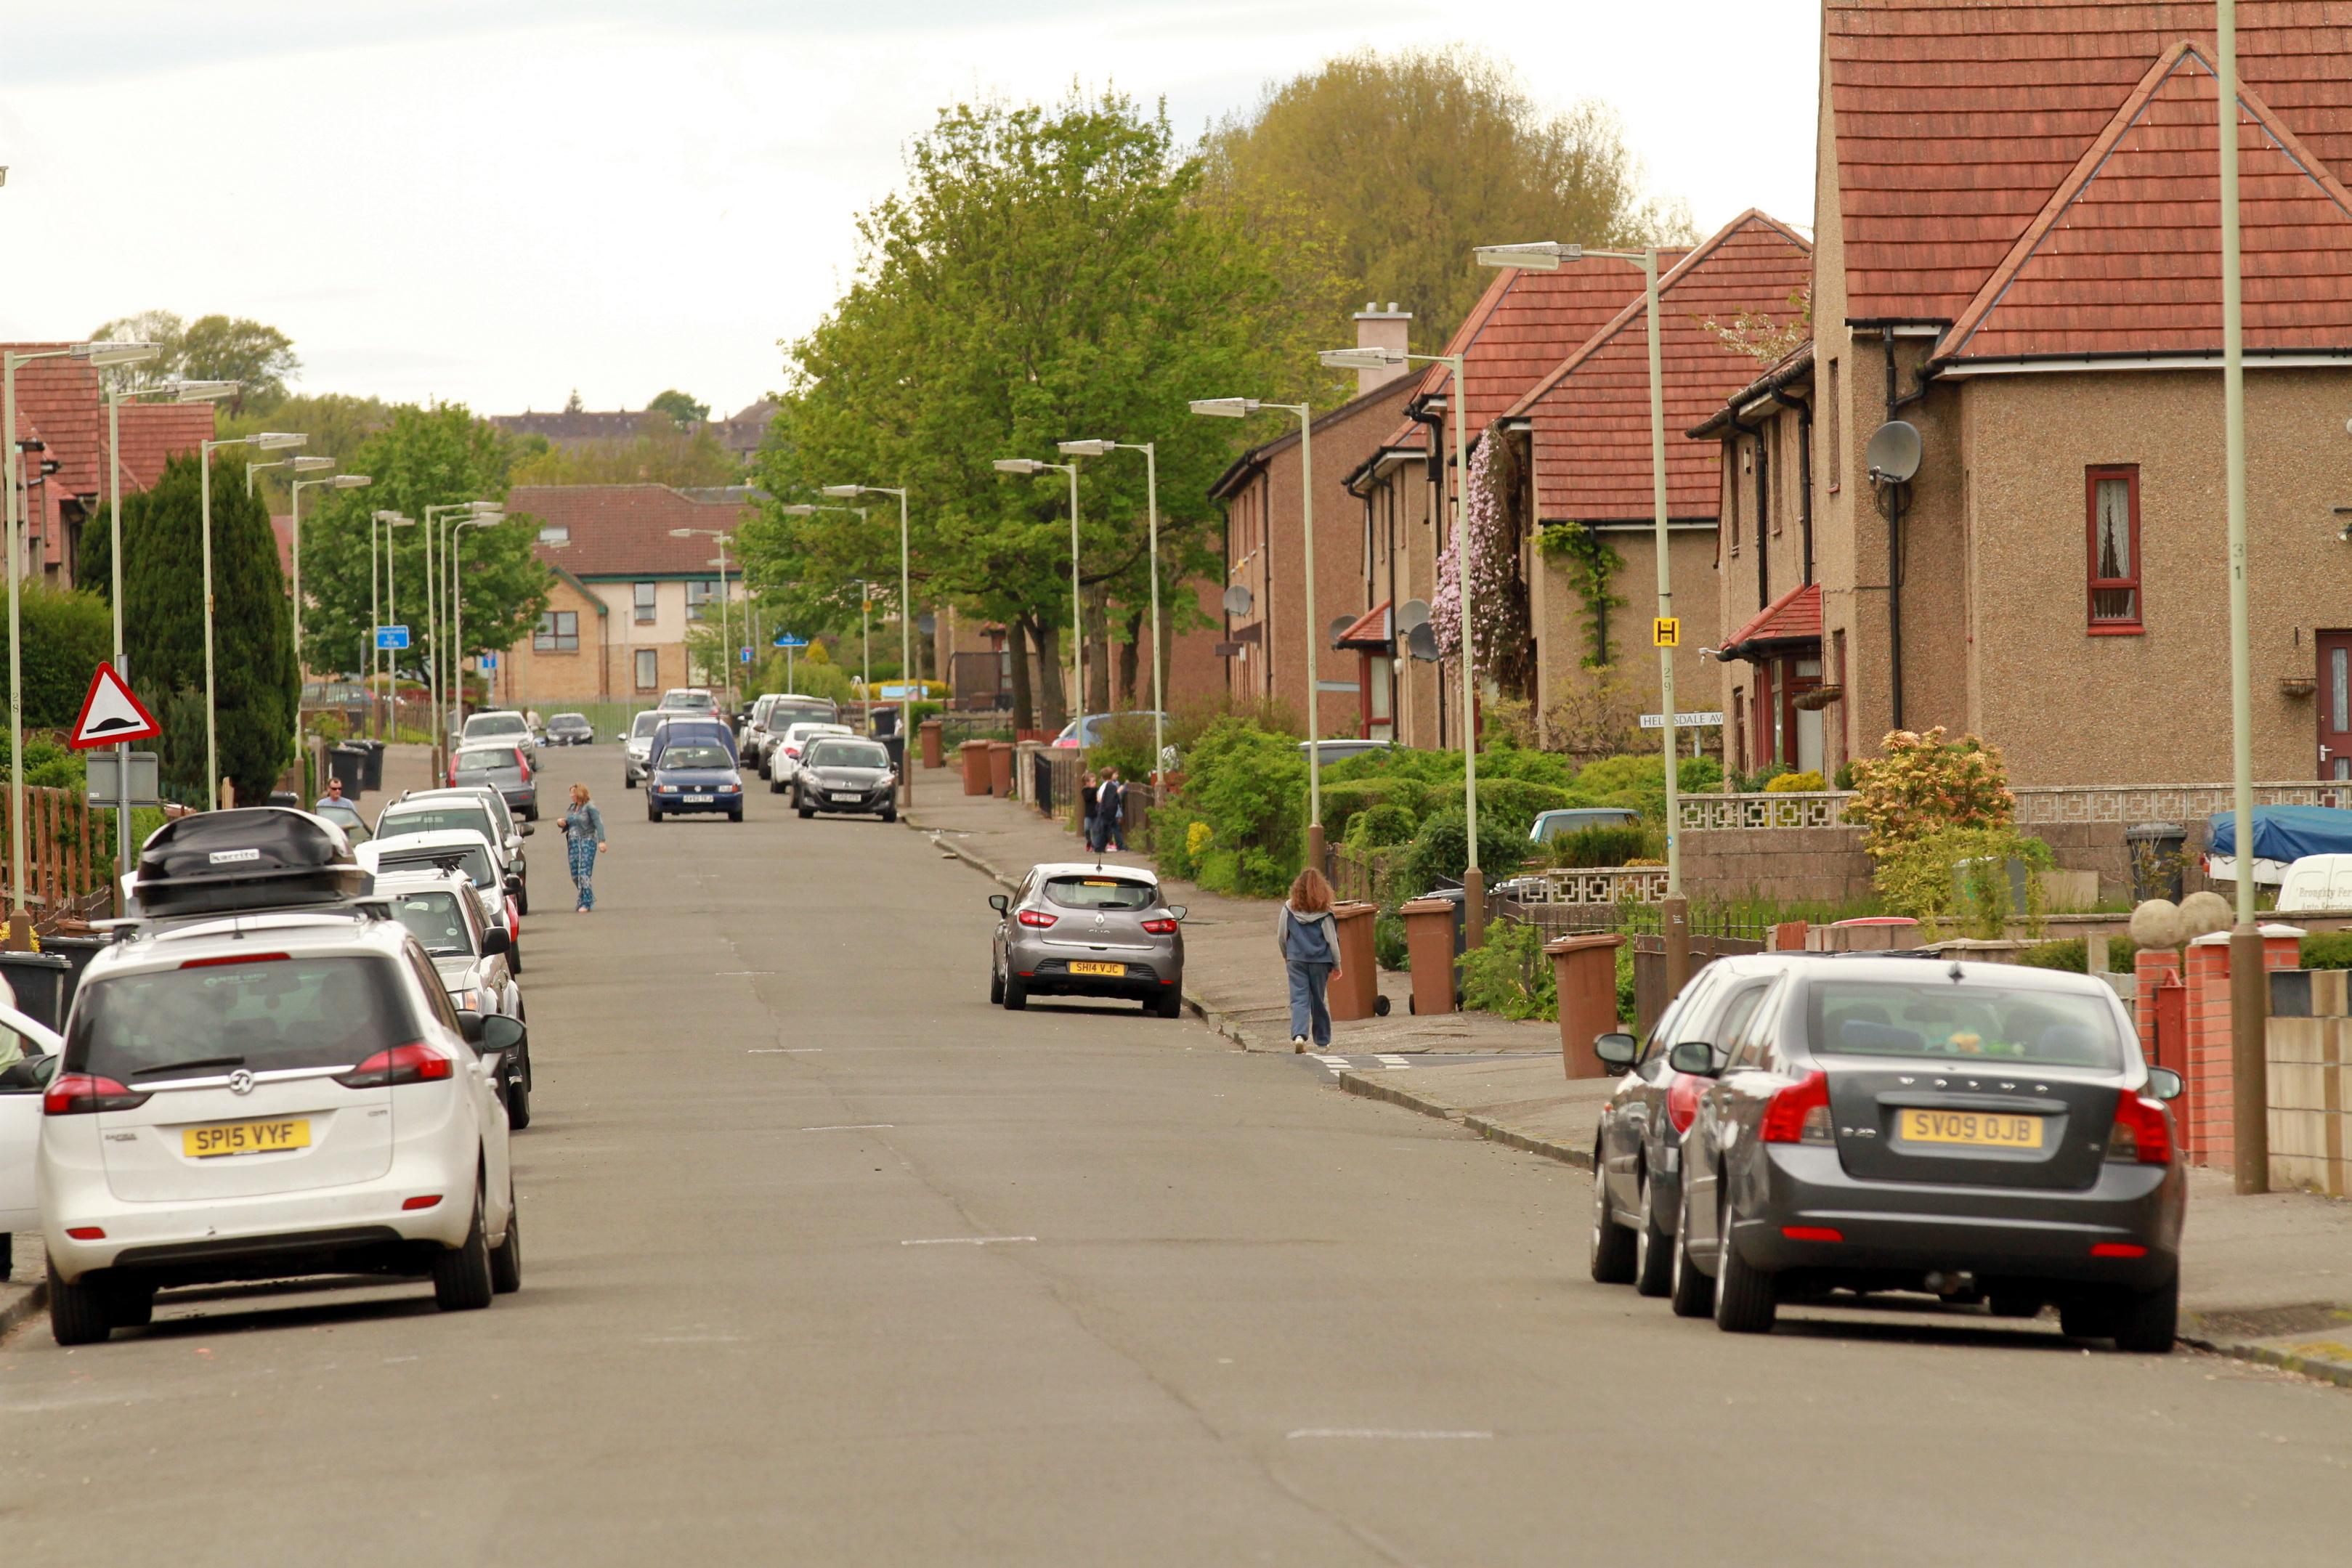 Helmsdale Avenue in Kirkton (stock image)